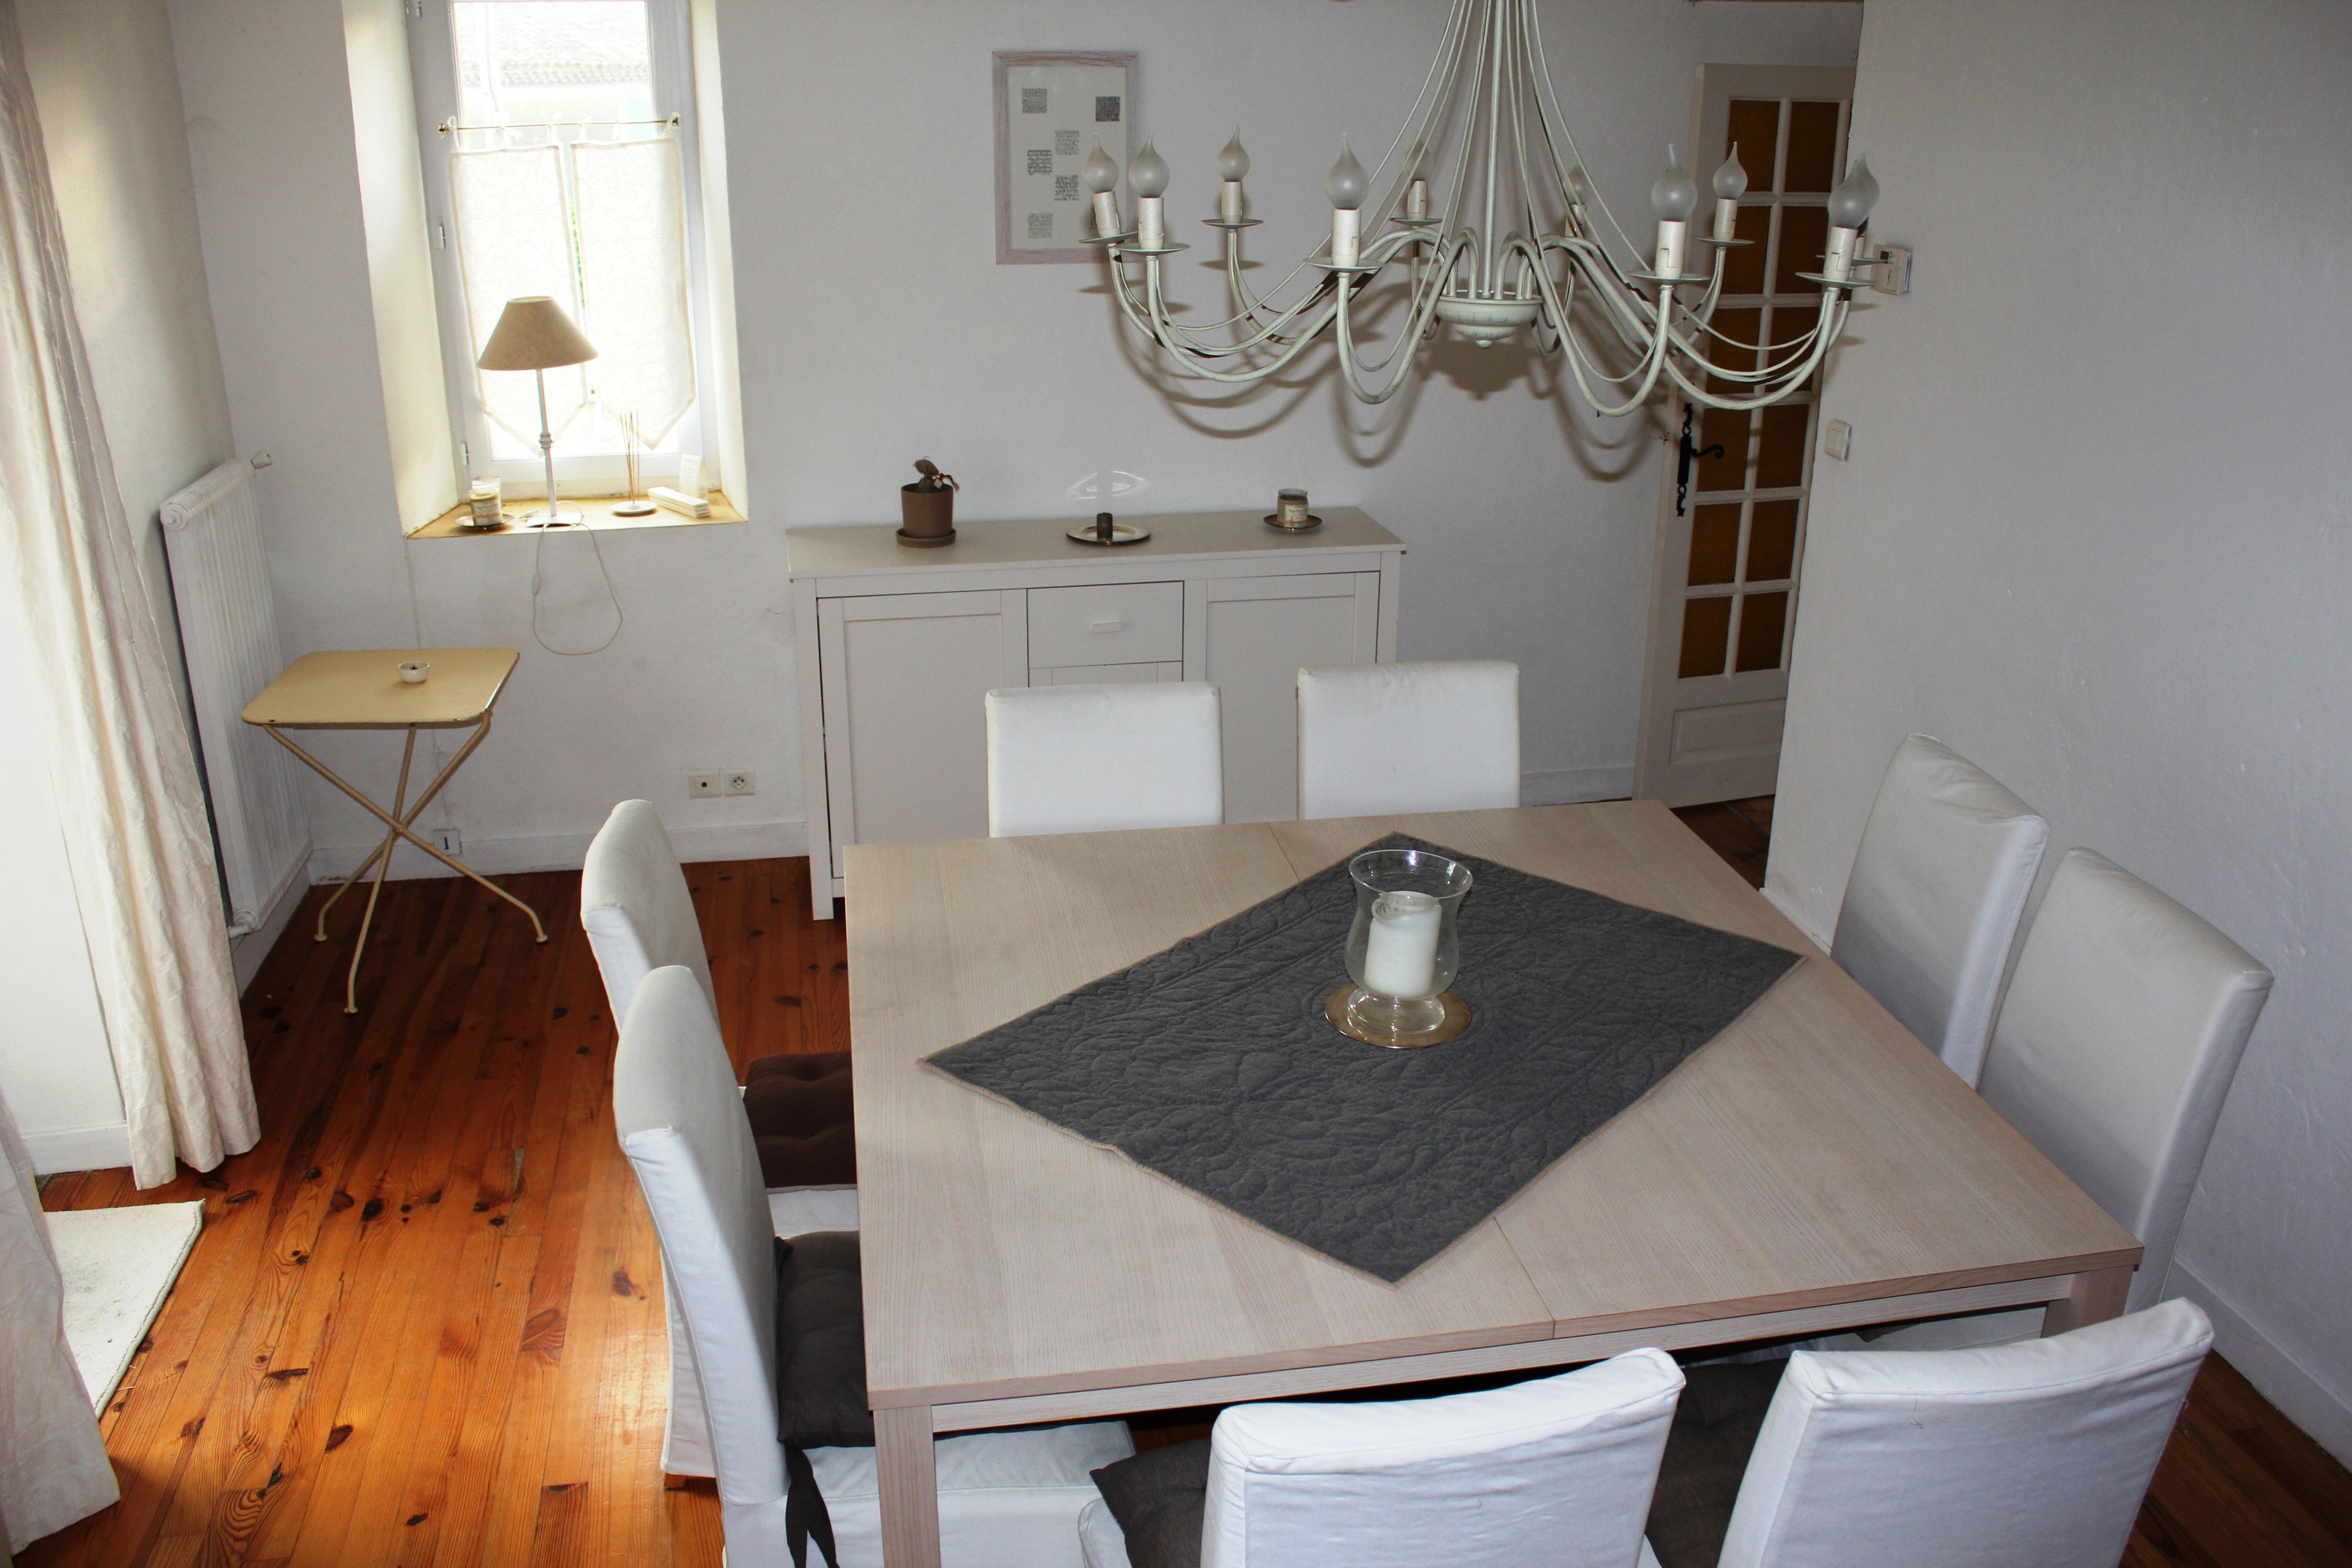 Maison pleine de charme vendre en provence lpbo for La salle a manger salon de provence